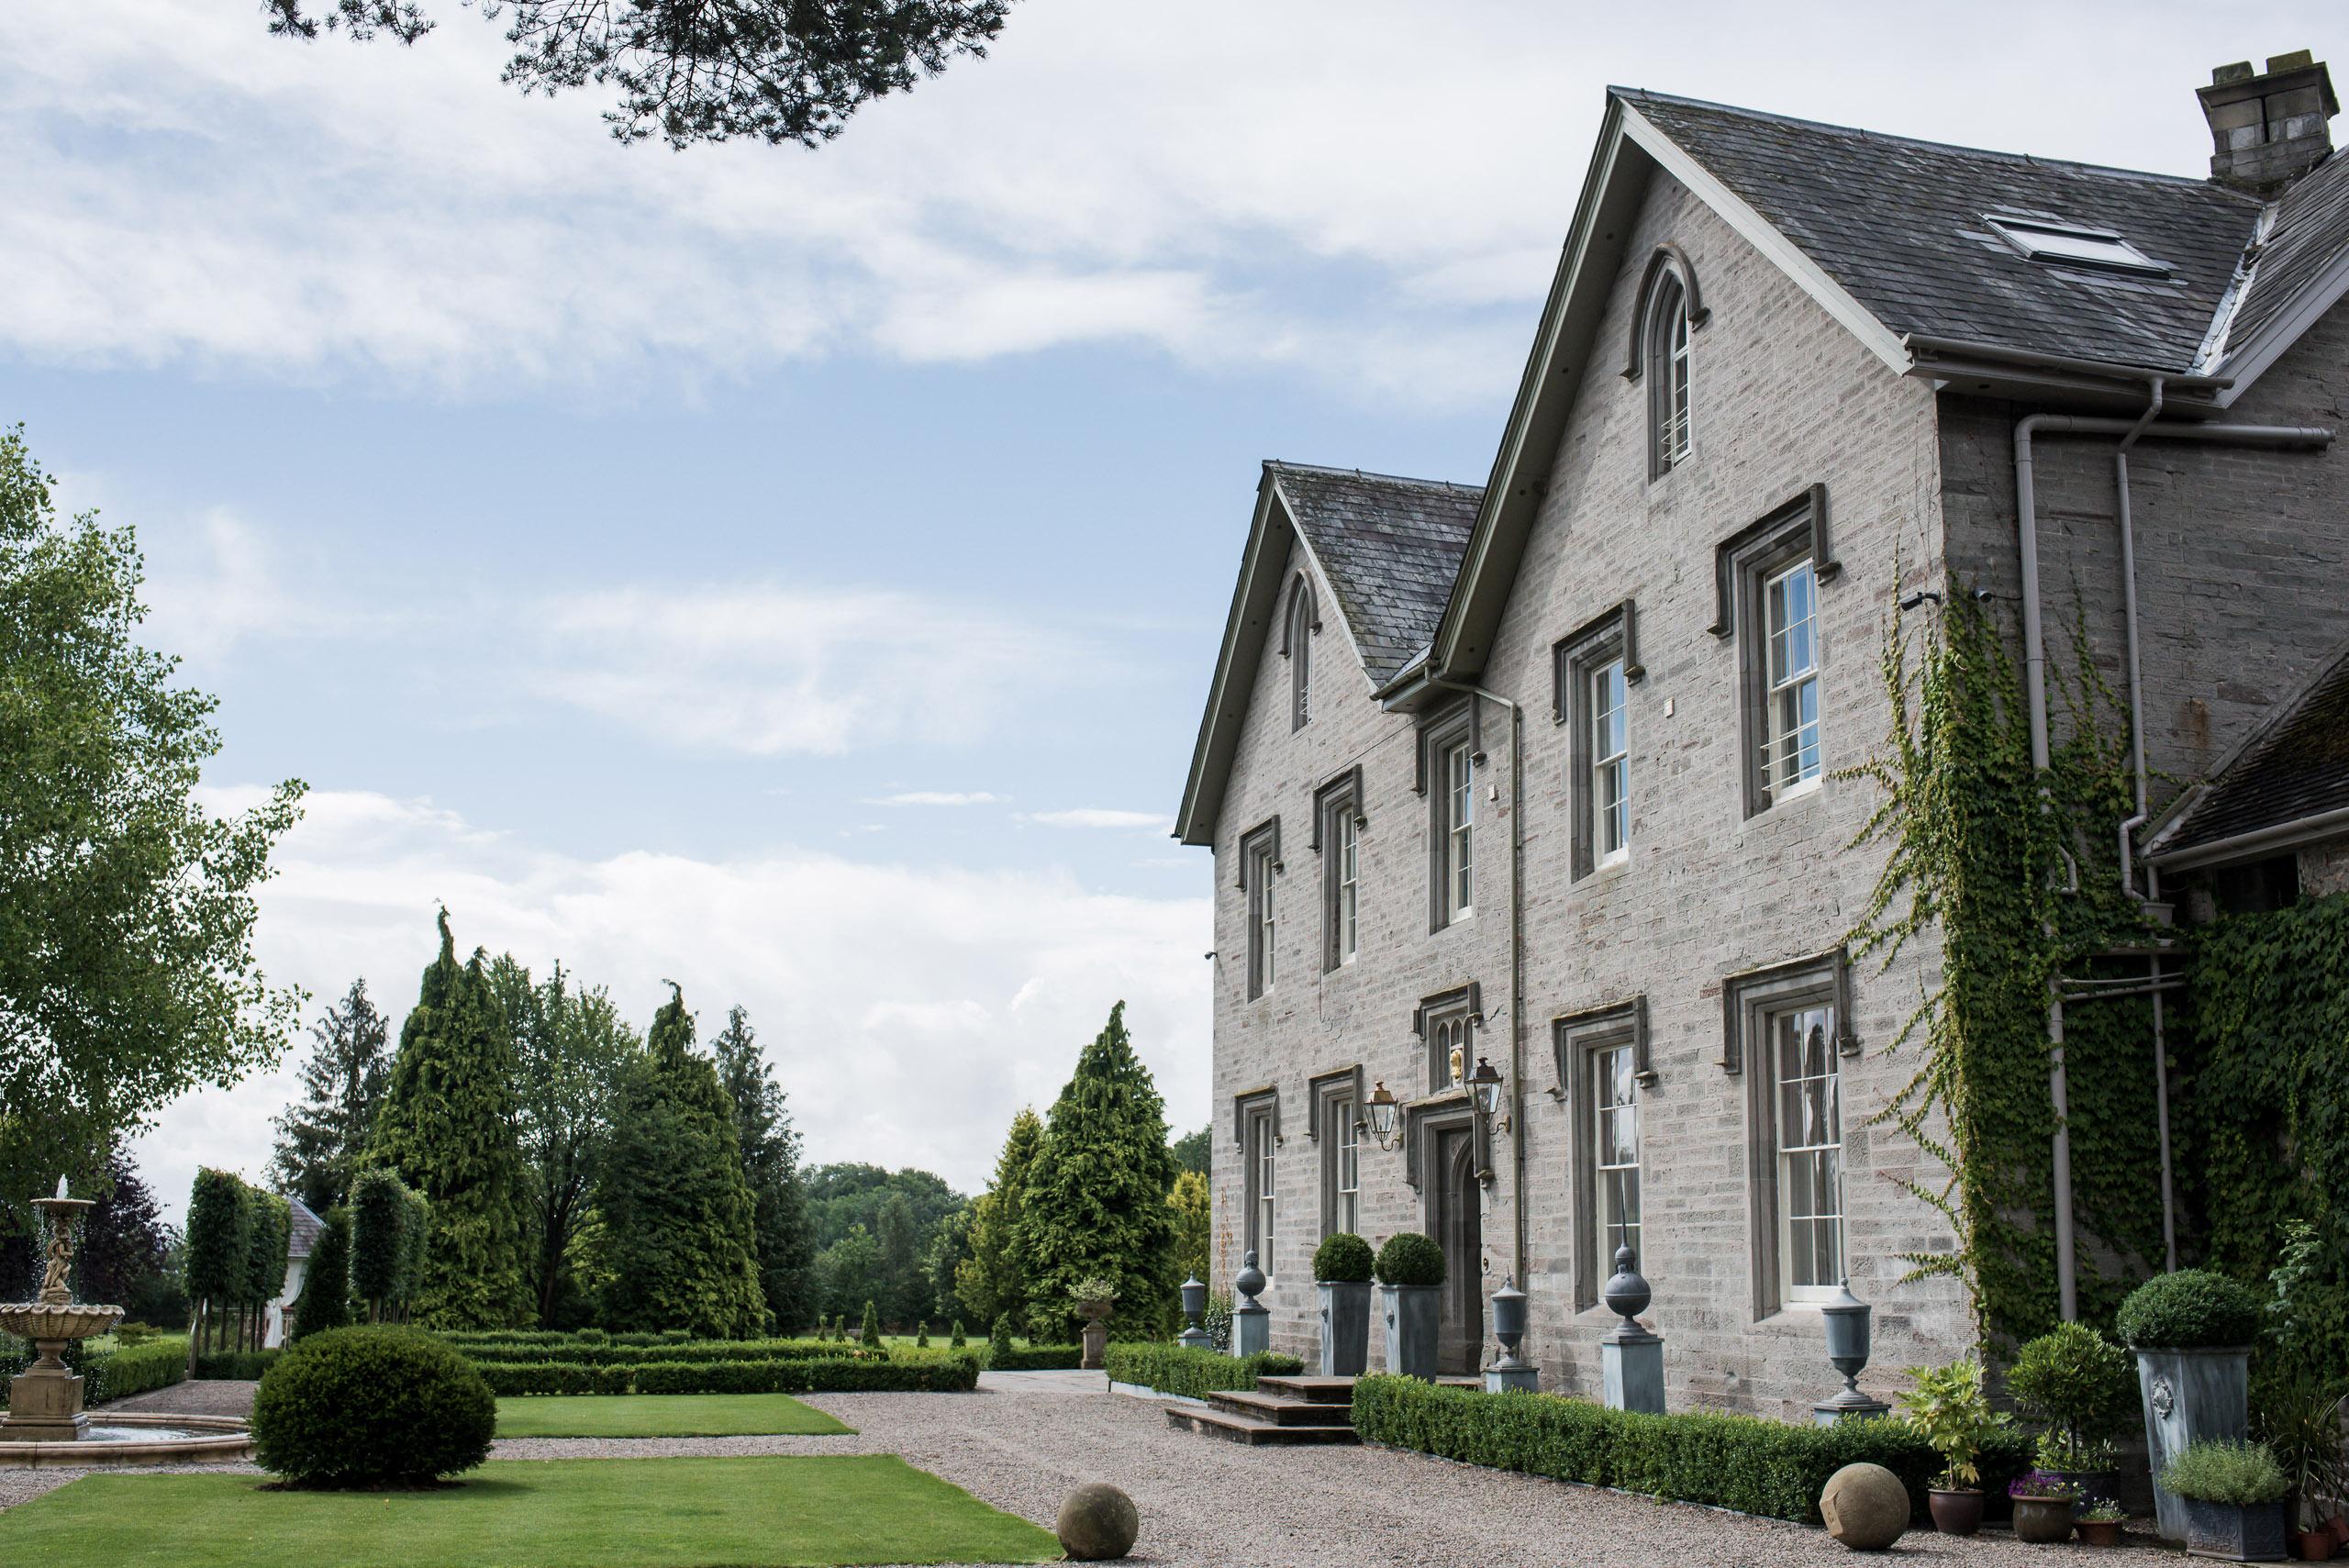 Lemore Manor wedding venue